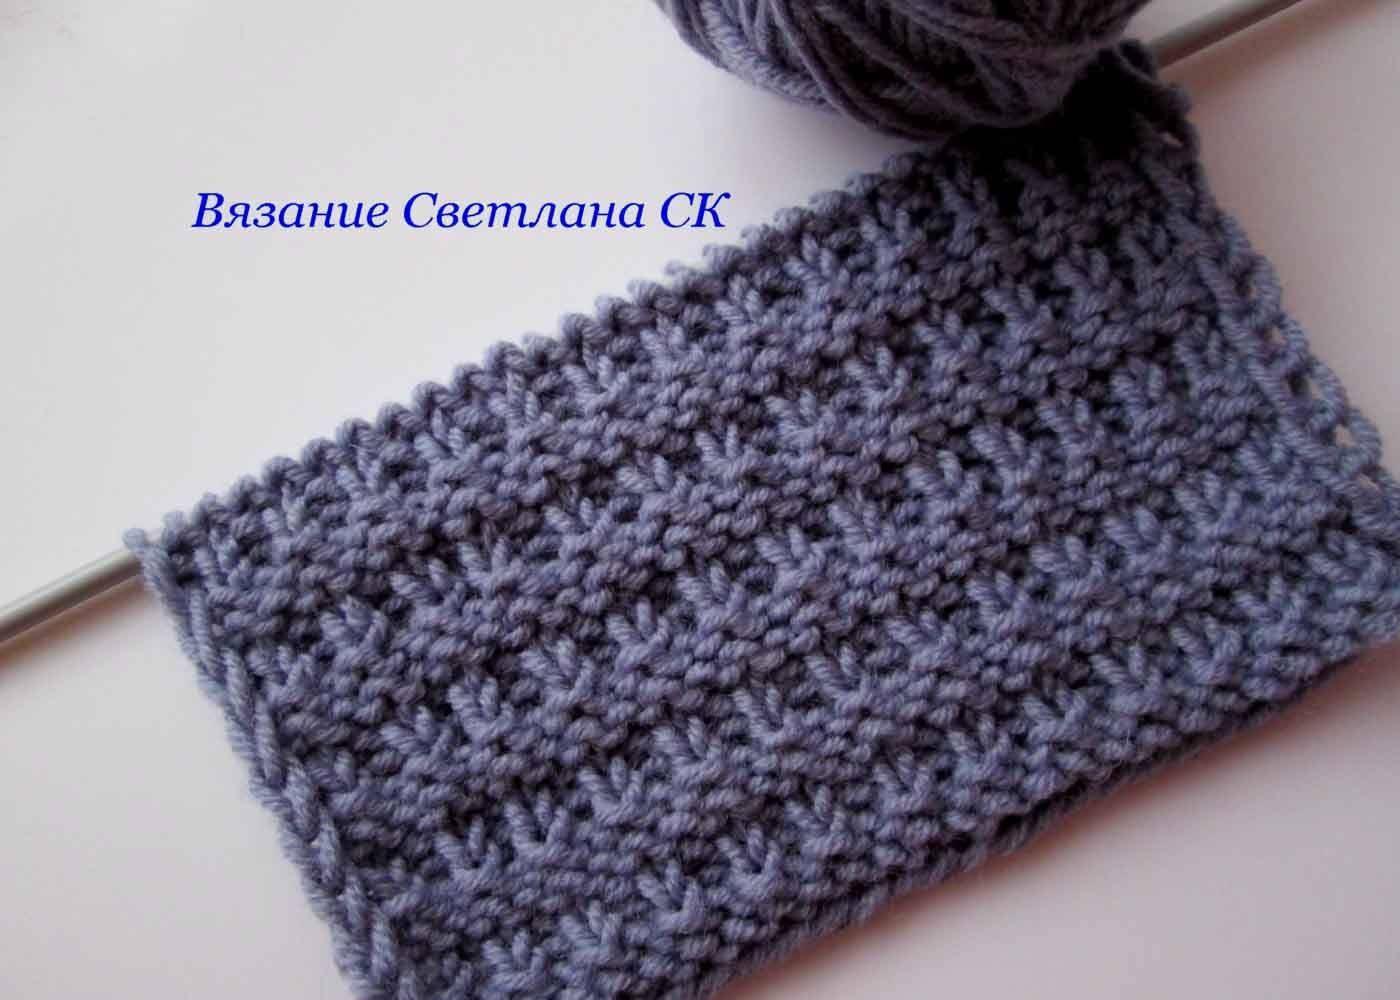 Knit gum knitting scheme